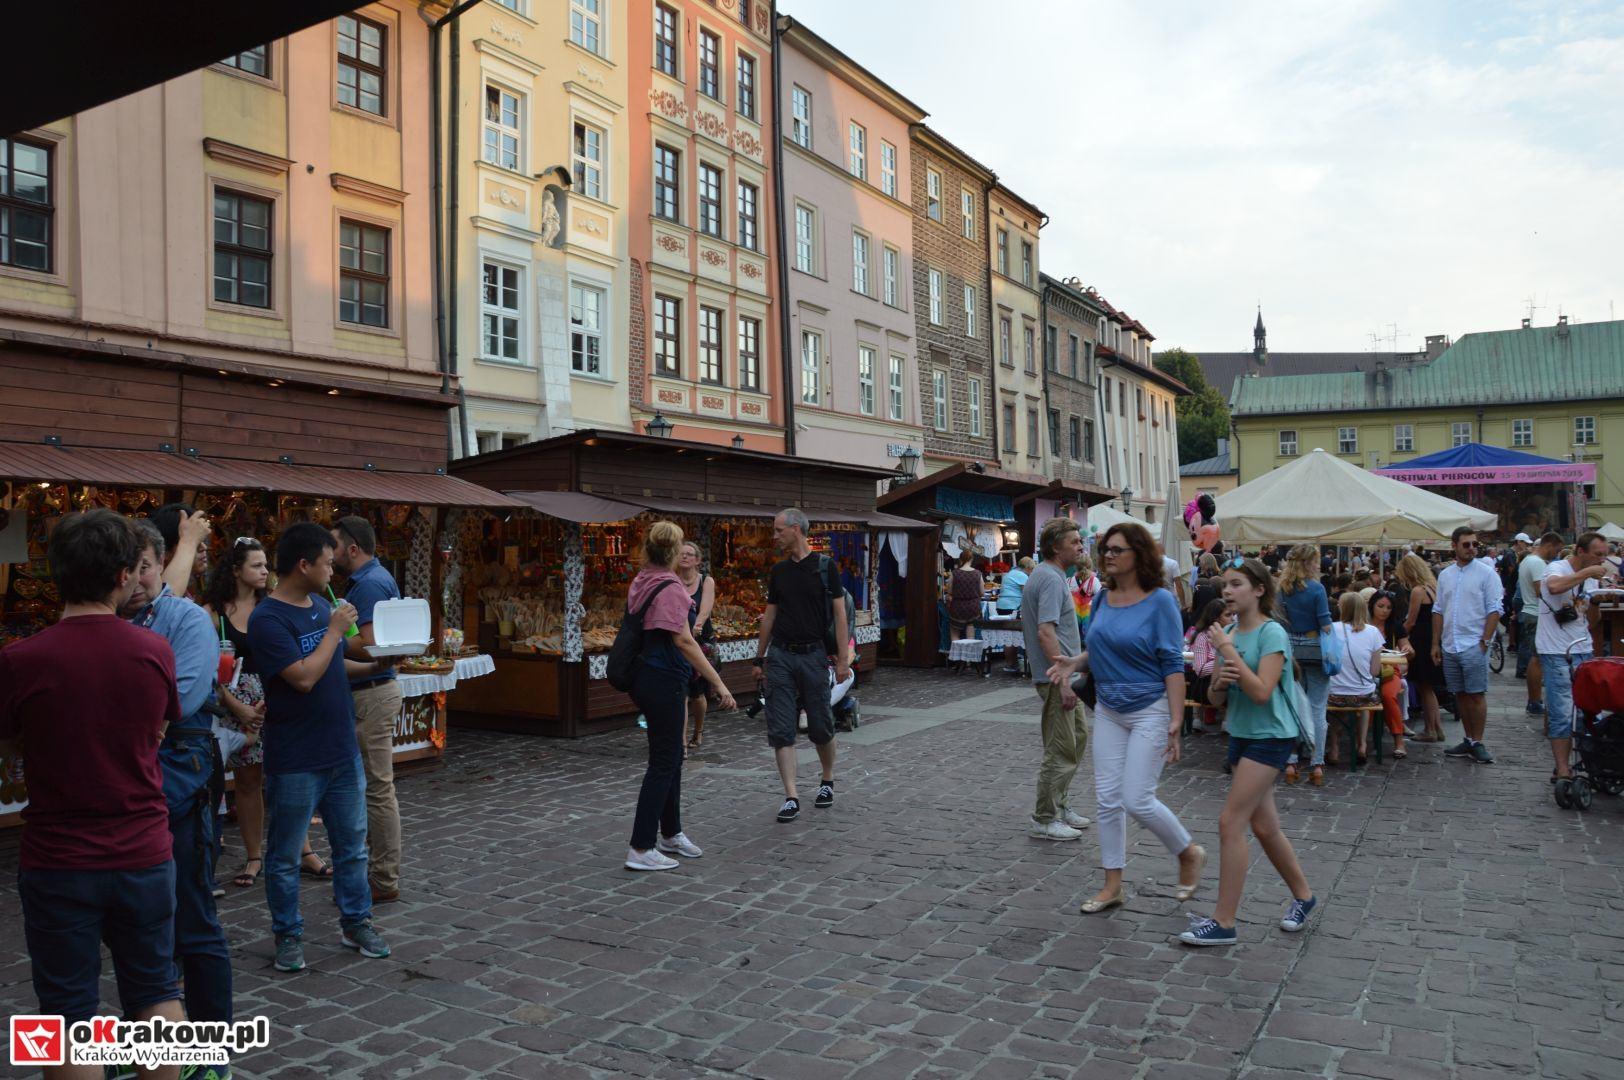 krakow festiwal pierogow maly rynek koncert cheap tobacco 39 150x150 - Galeria zdjęć Festiwal Pierogów Kraków 2018 + zdjęcia z koncertu Cheap Tobacco